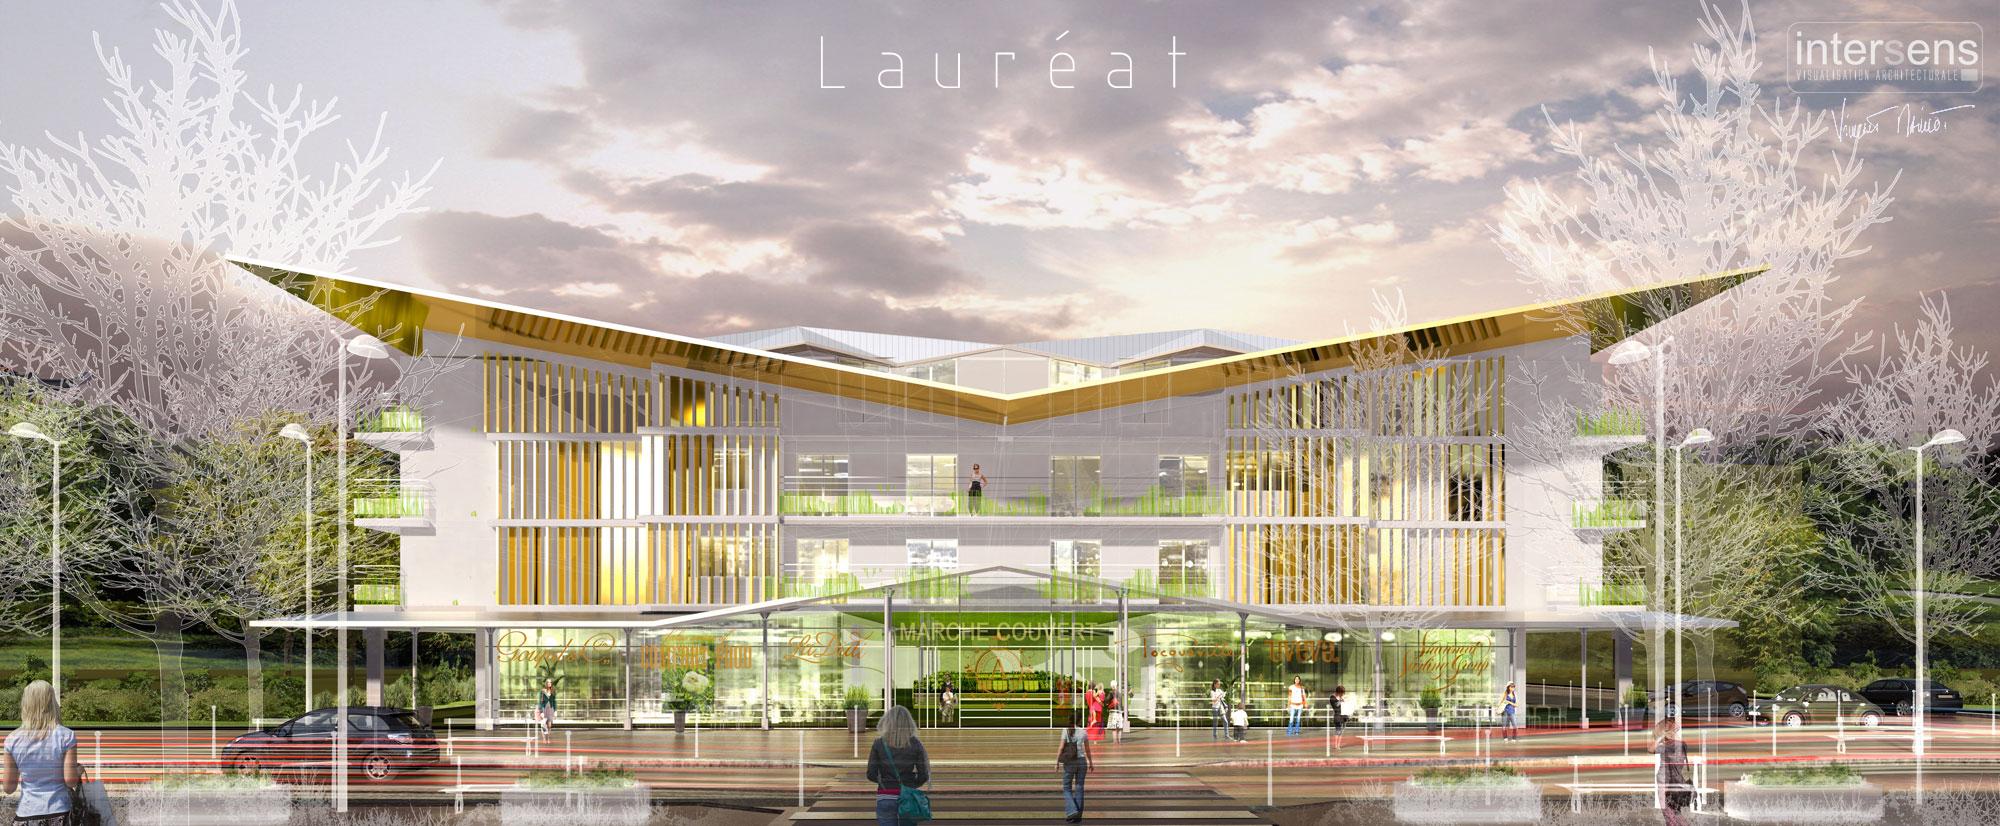 INTERSENS - Laurent FOURNET Architecte - Logement + Marché - Concours Lauréat - Gournay-sur-Marne